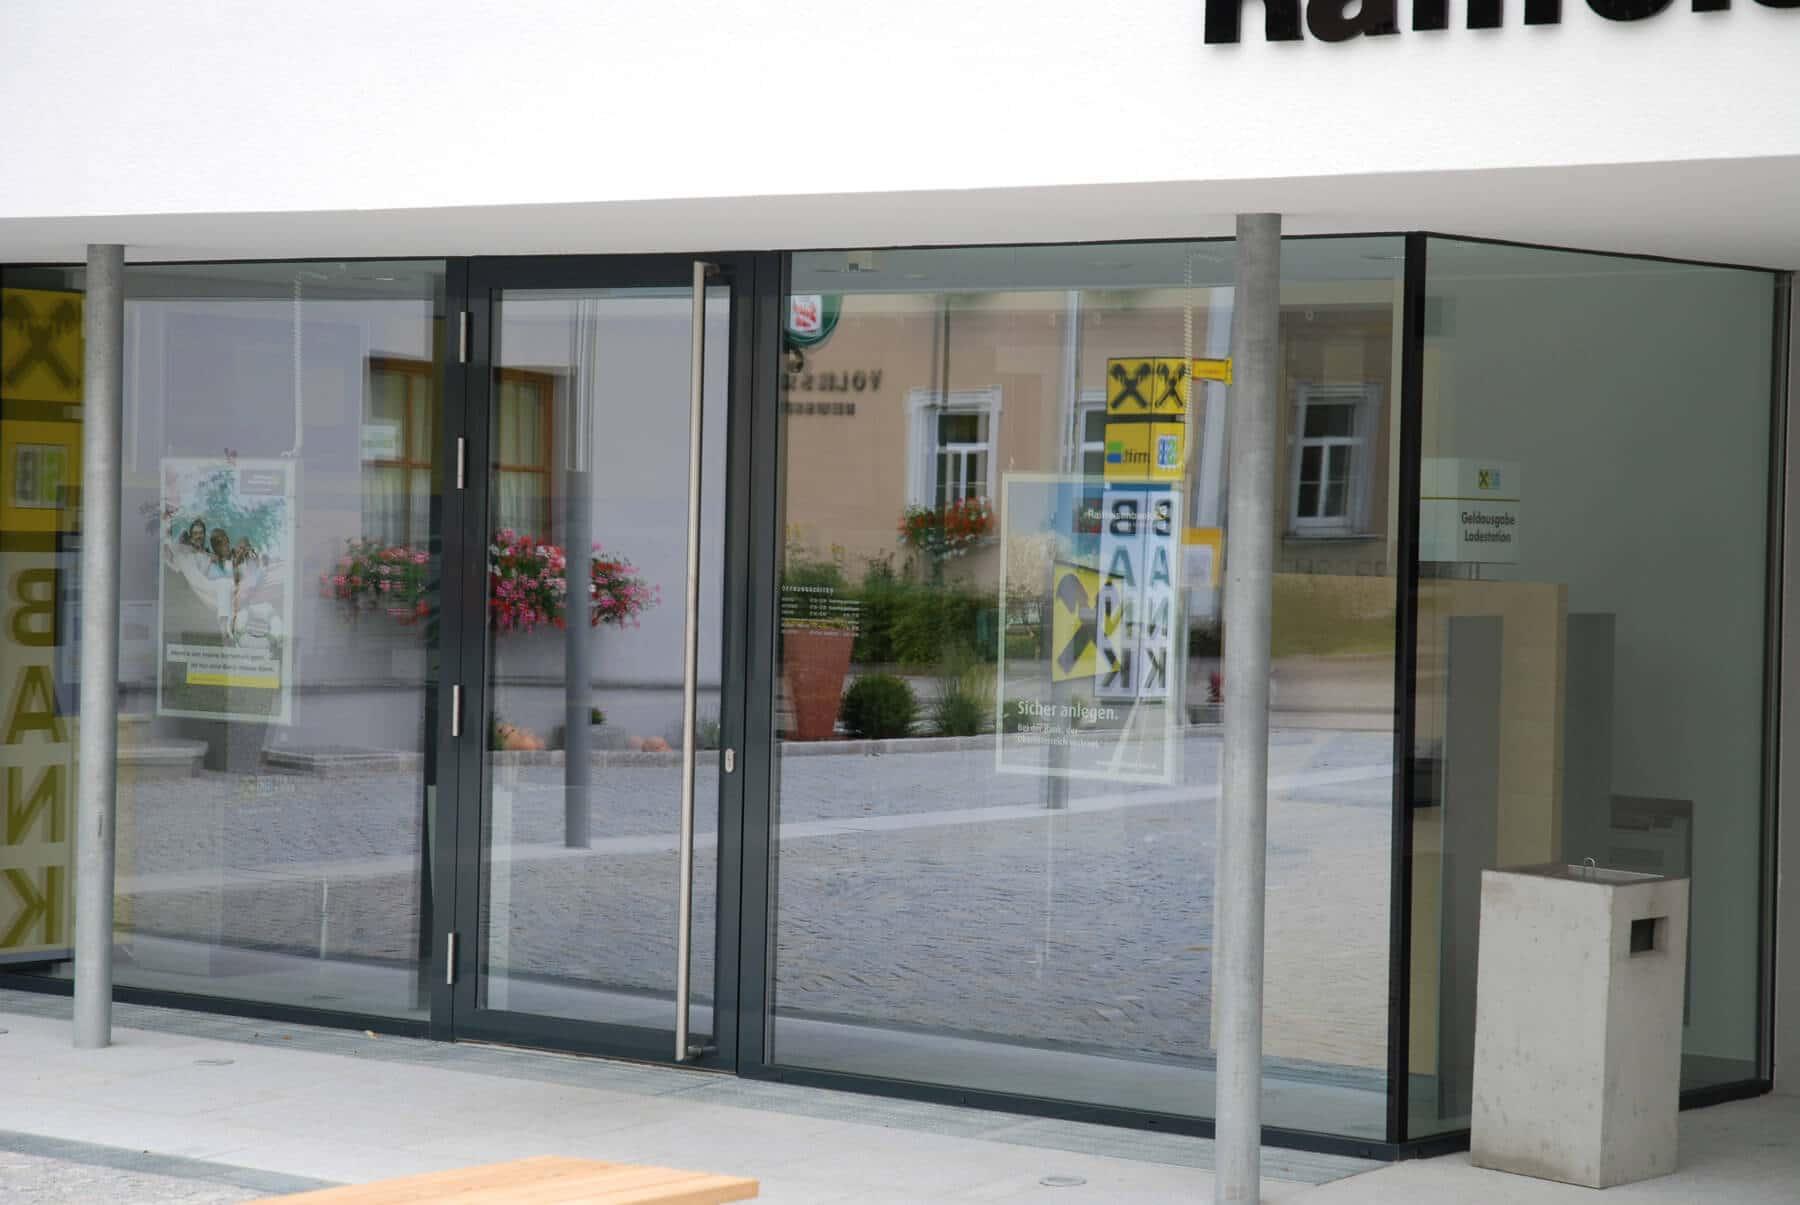 Alu-Eingangstüre mit Nurglas-Konstruktion